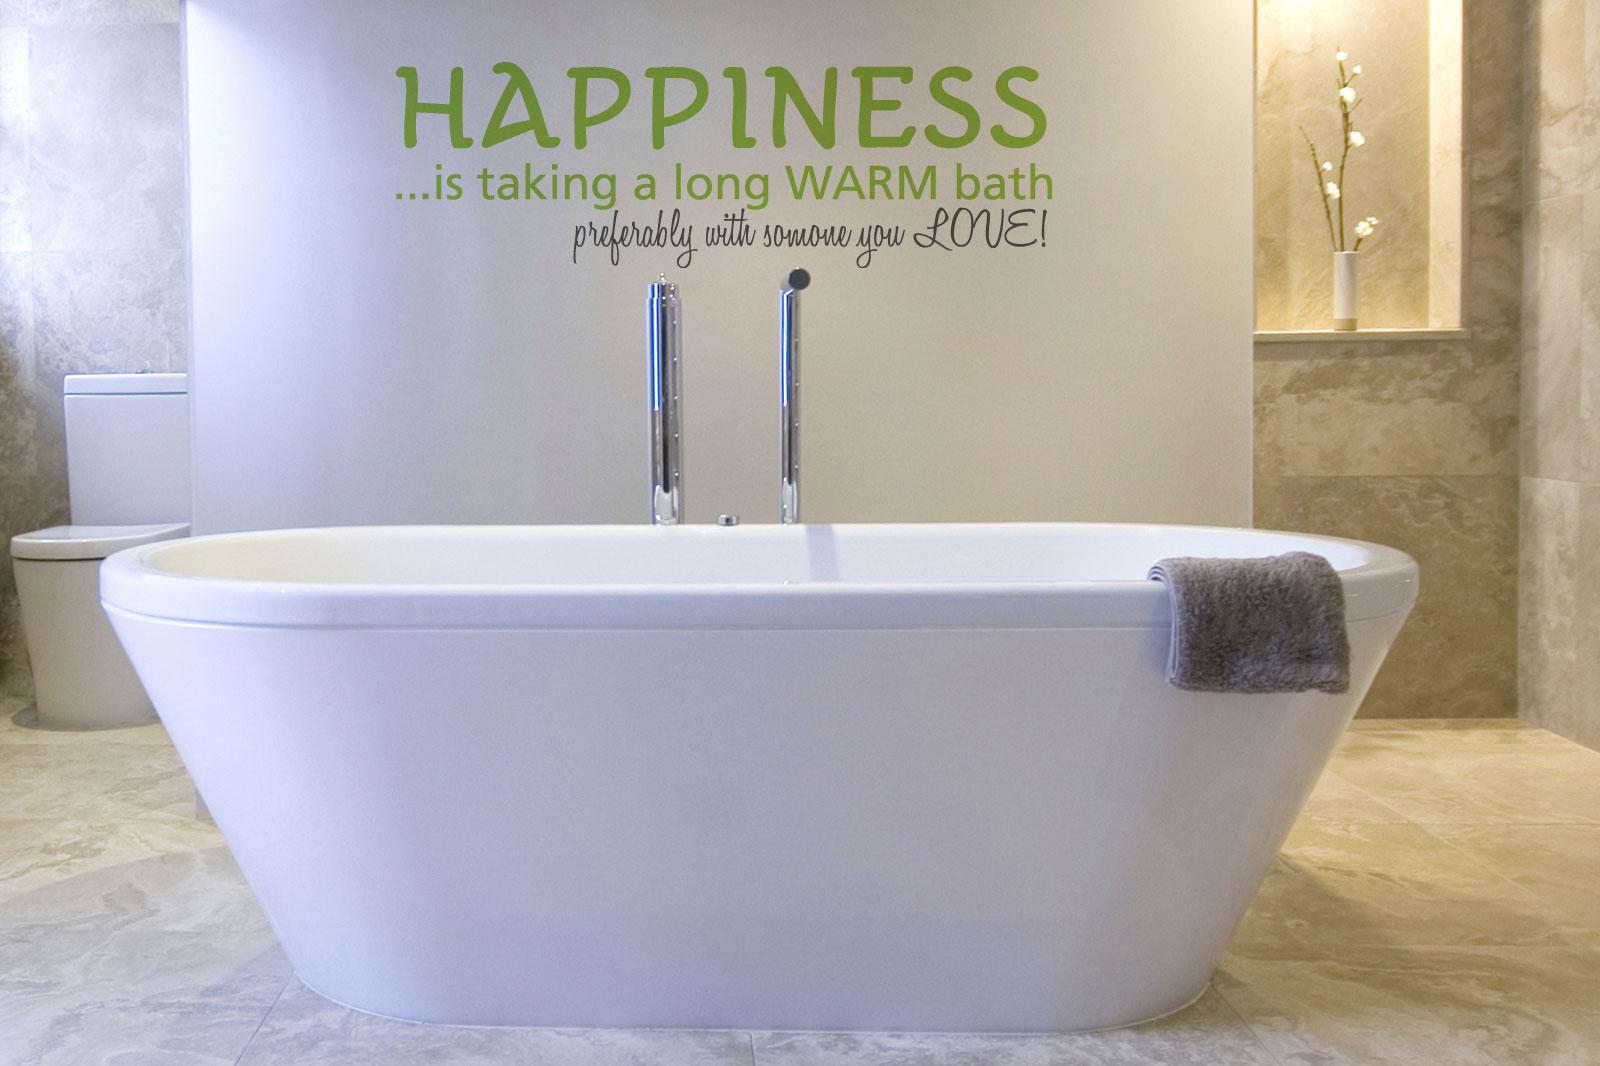 Bath quote #2